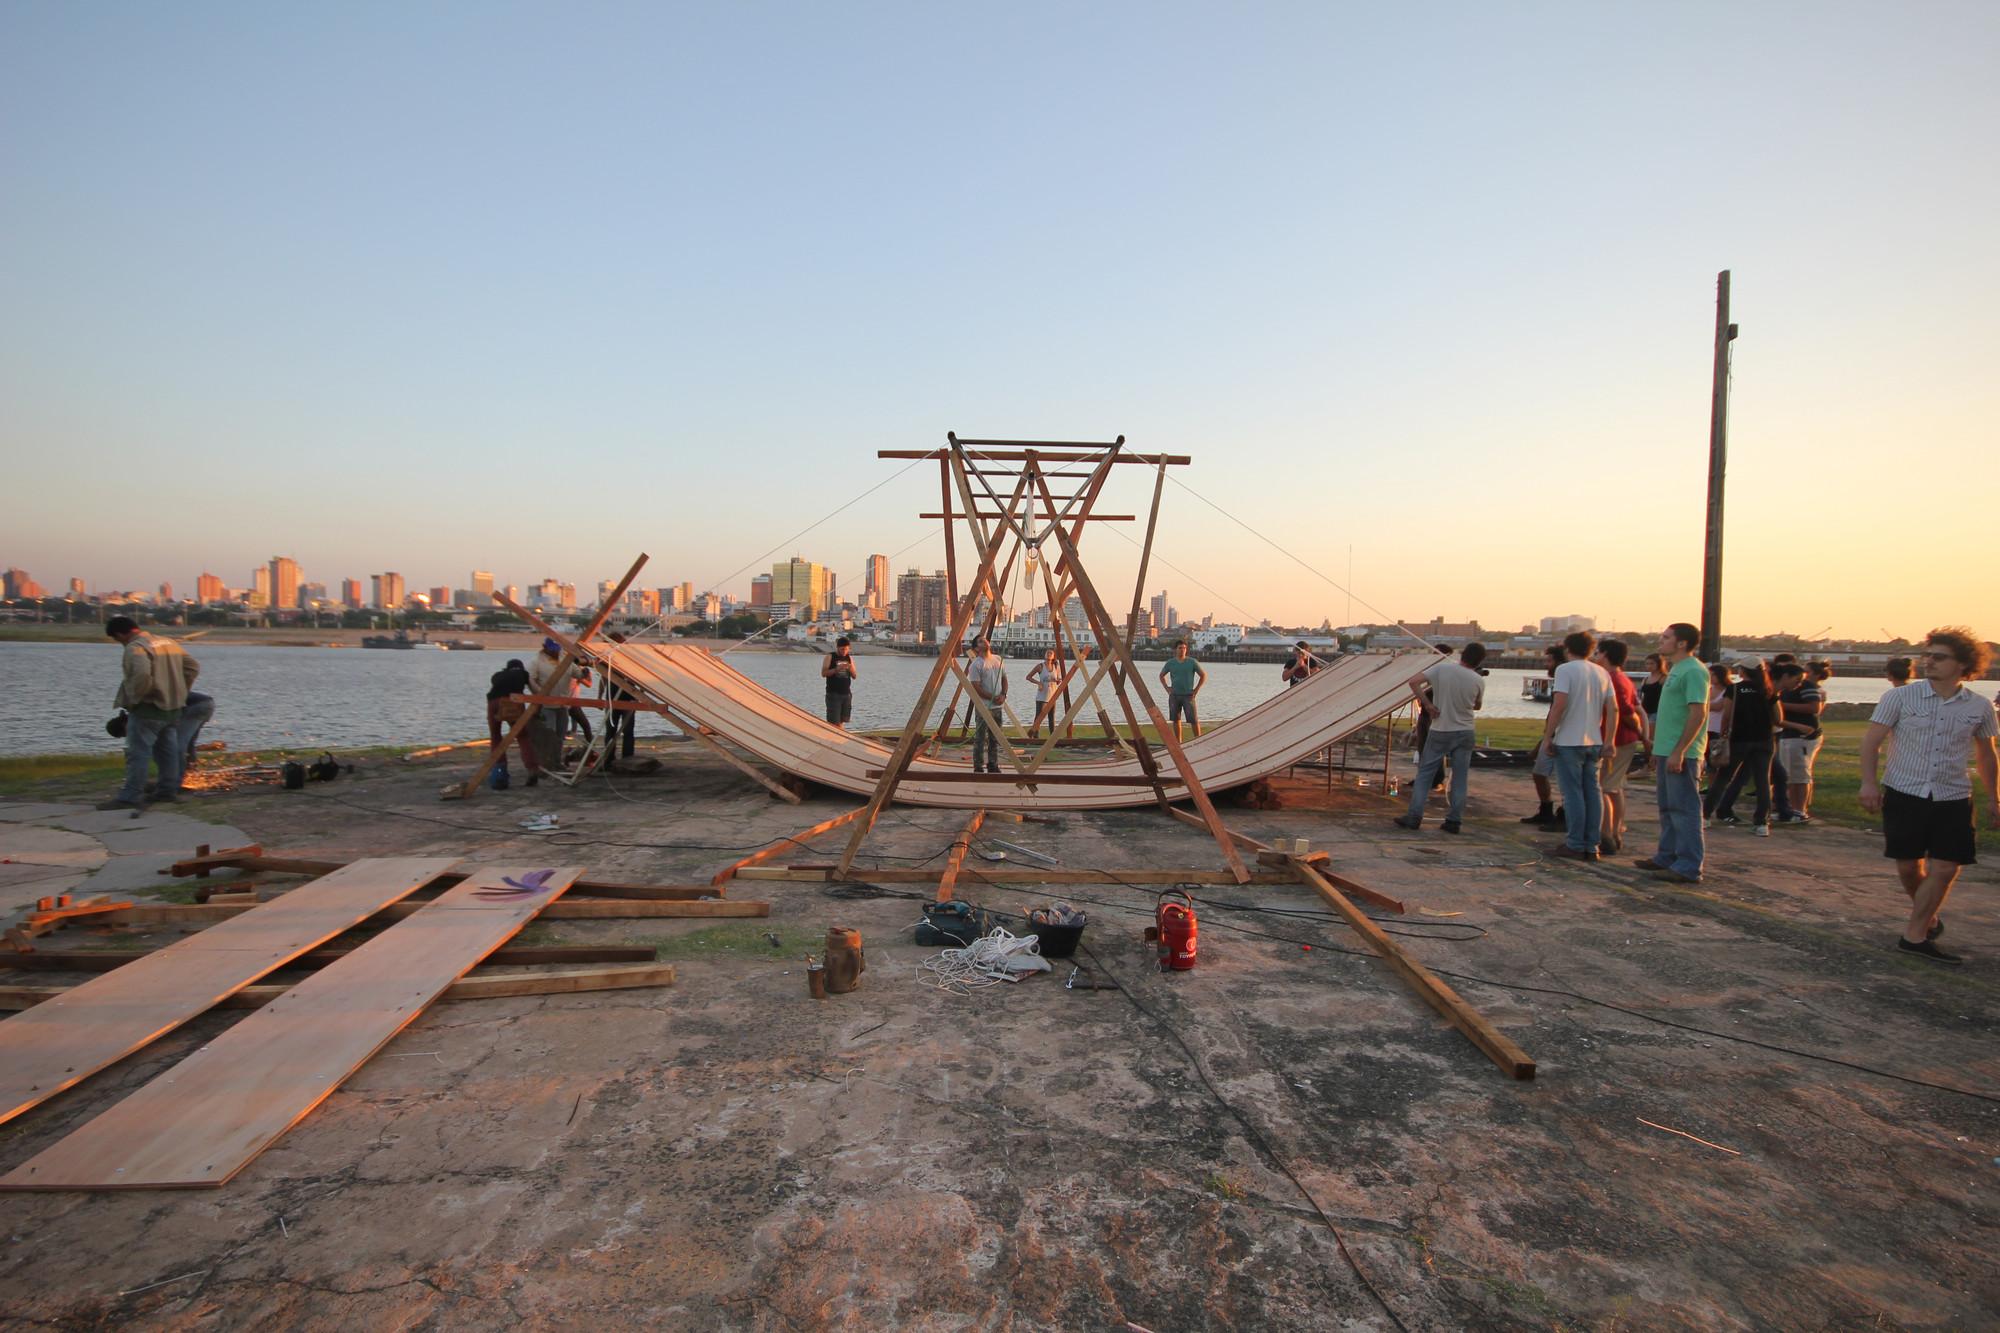 """Pabellón de Paraguay en la 14ª Bienal de Arquitectura de Venecia / Aqua Alta, """"Workshop Aqua Alta. Proceso"""". Asunción, Paraguay 2014. Fotografo: Jesús Pereira . Image © Colectivo Aqua Alta"""